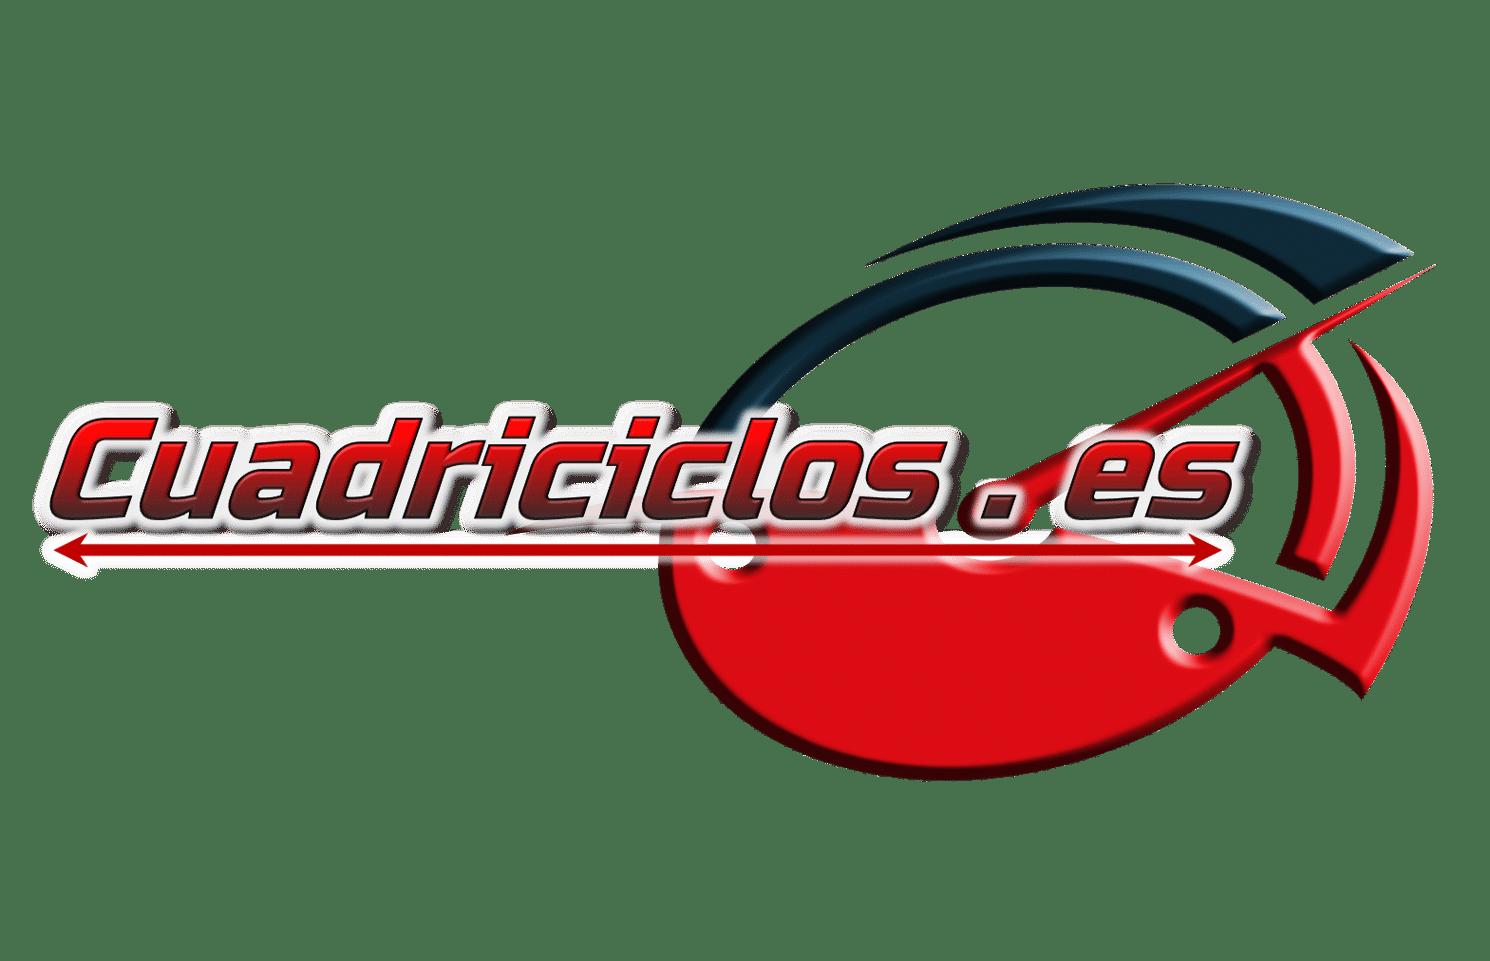 Cuadriciclos